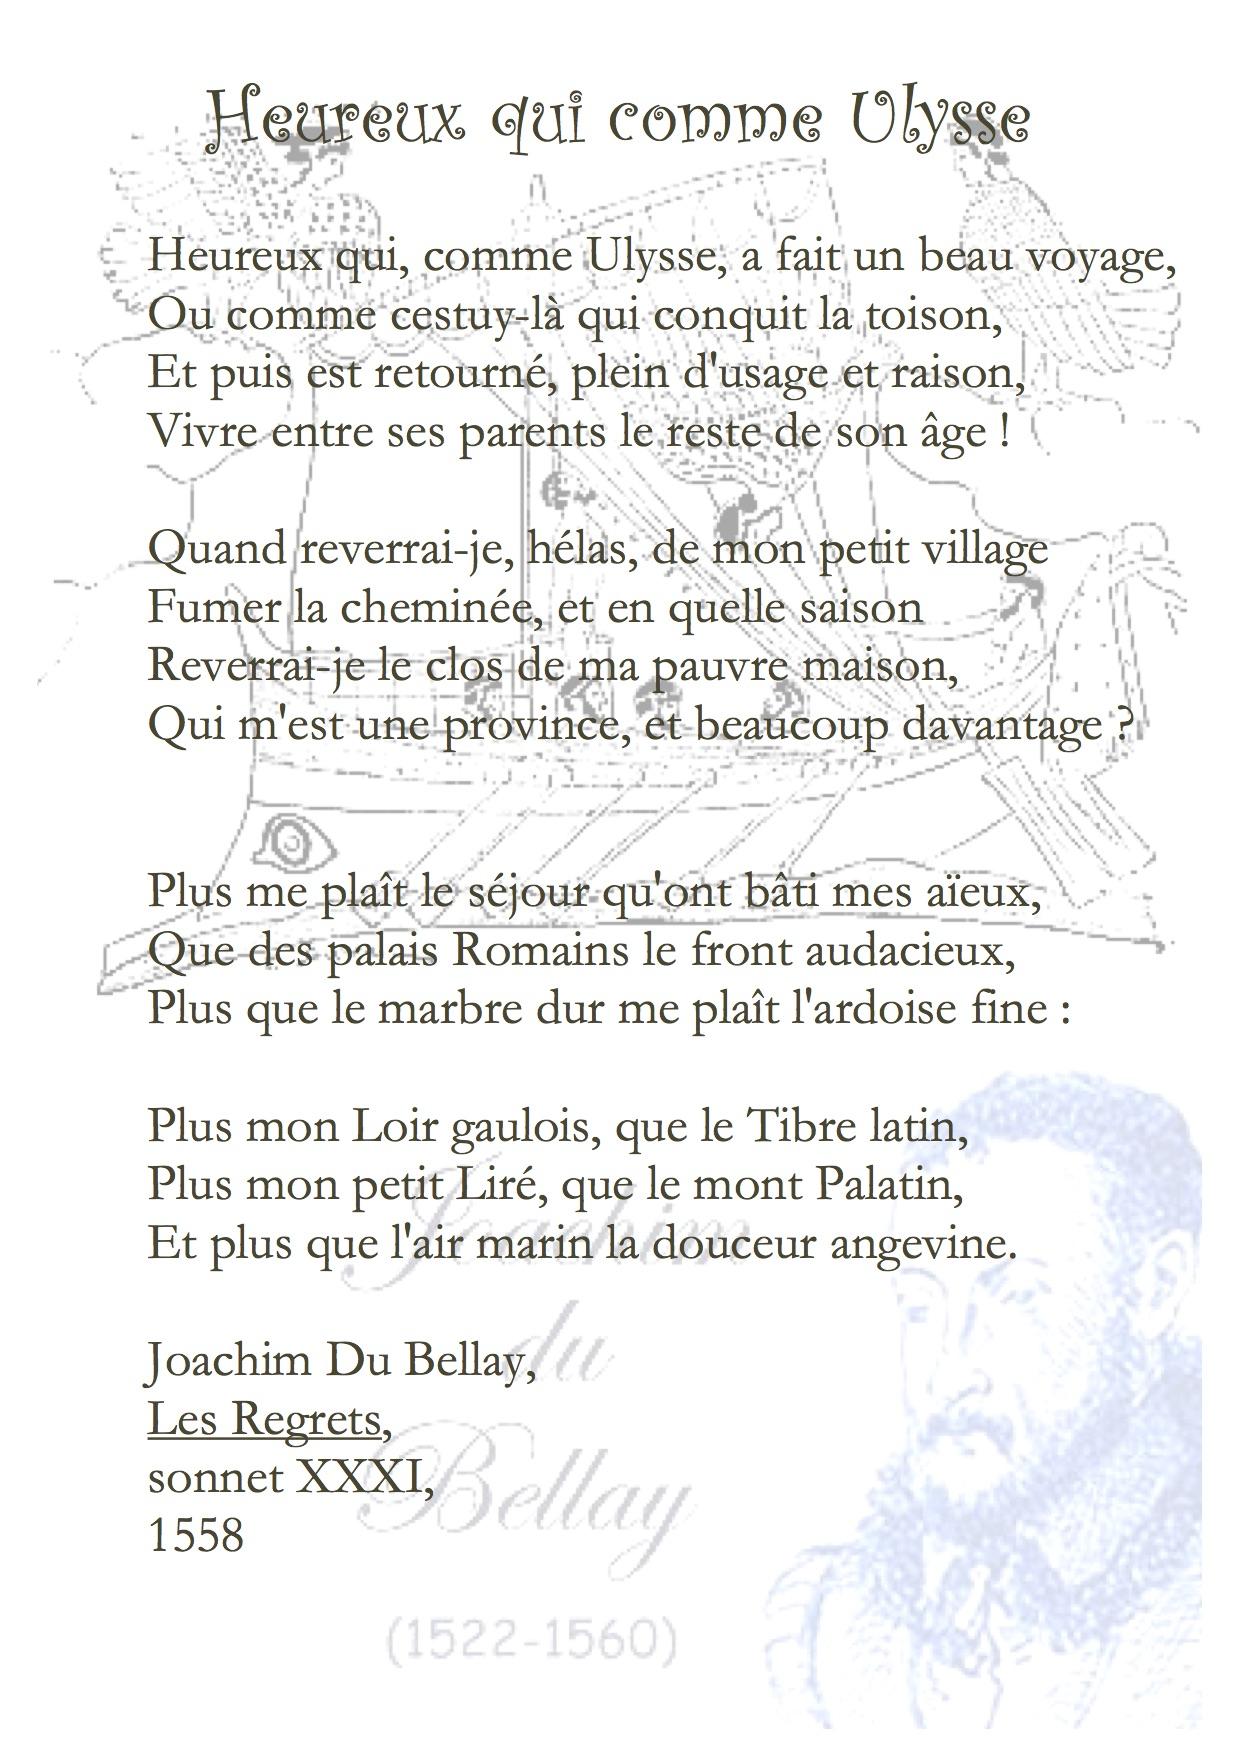 Heureux Qui Comme Ulysse Texte : heureux, comme, ulysse, texte, Heureux, Comme, Ulysse